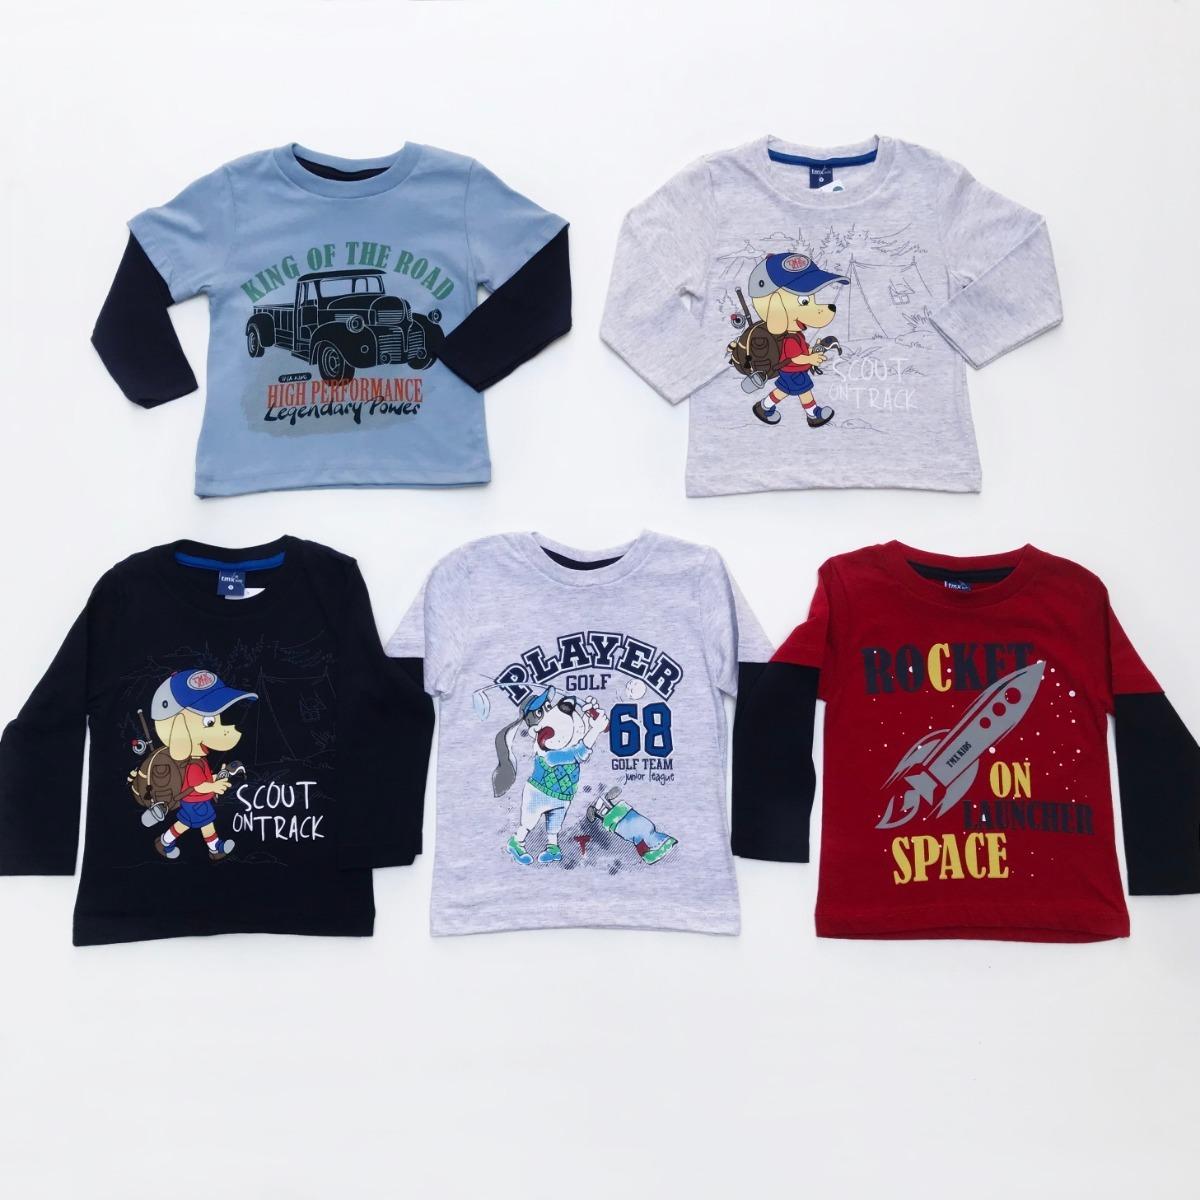 5681da339a kit 05 camisetas manga longa infantil menino personagens. Carregando zoom.